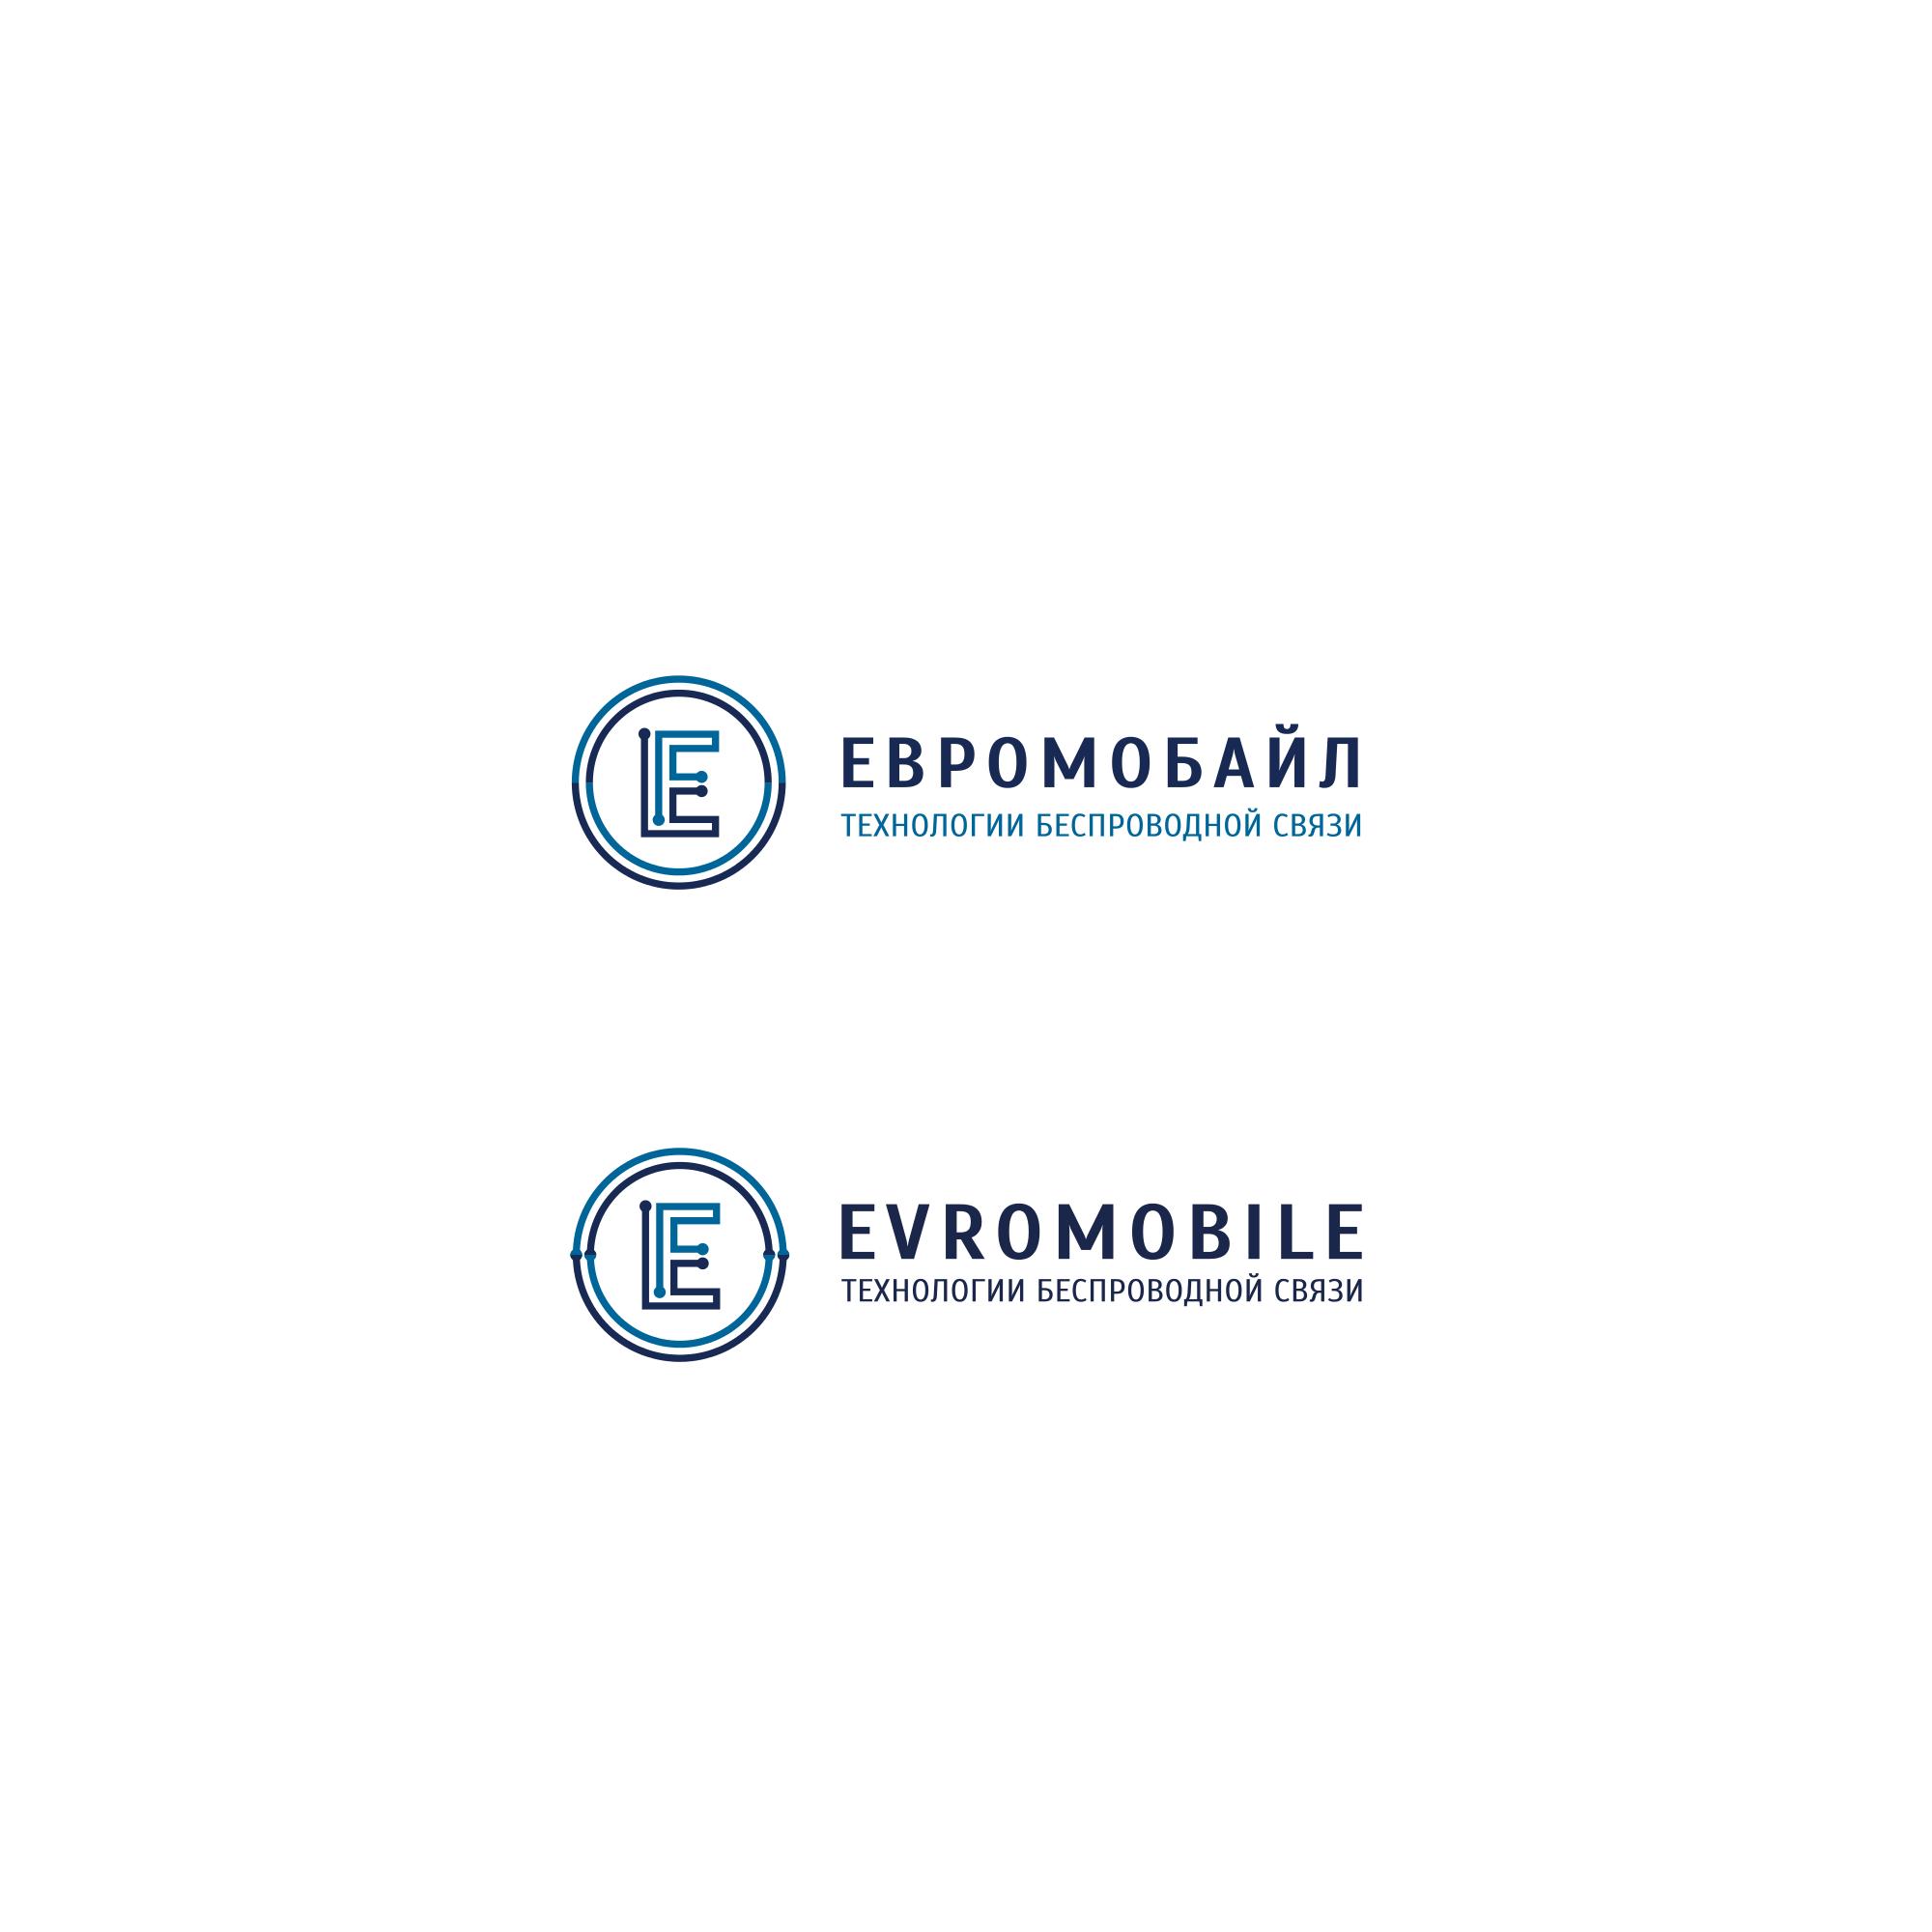 Редизайн логотипа фото f_16359be755c08ec3.png